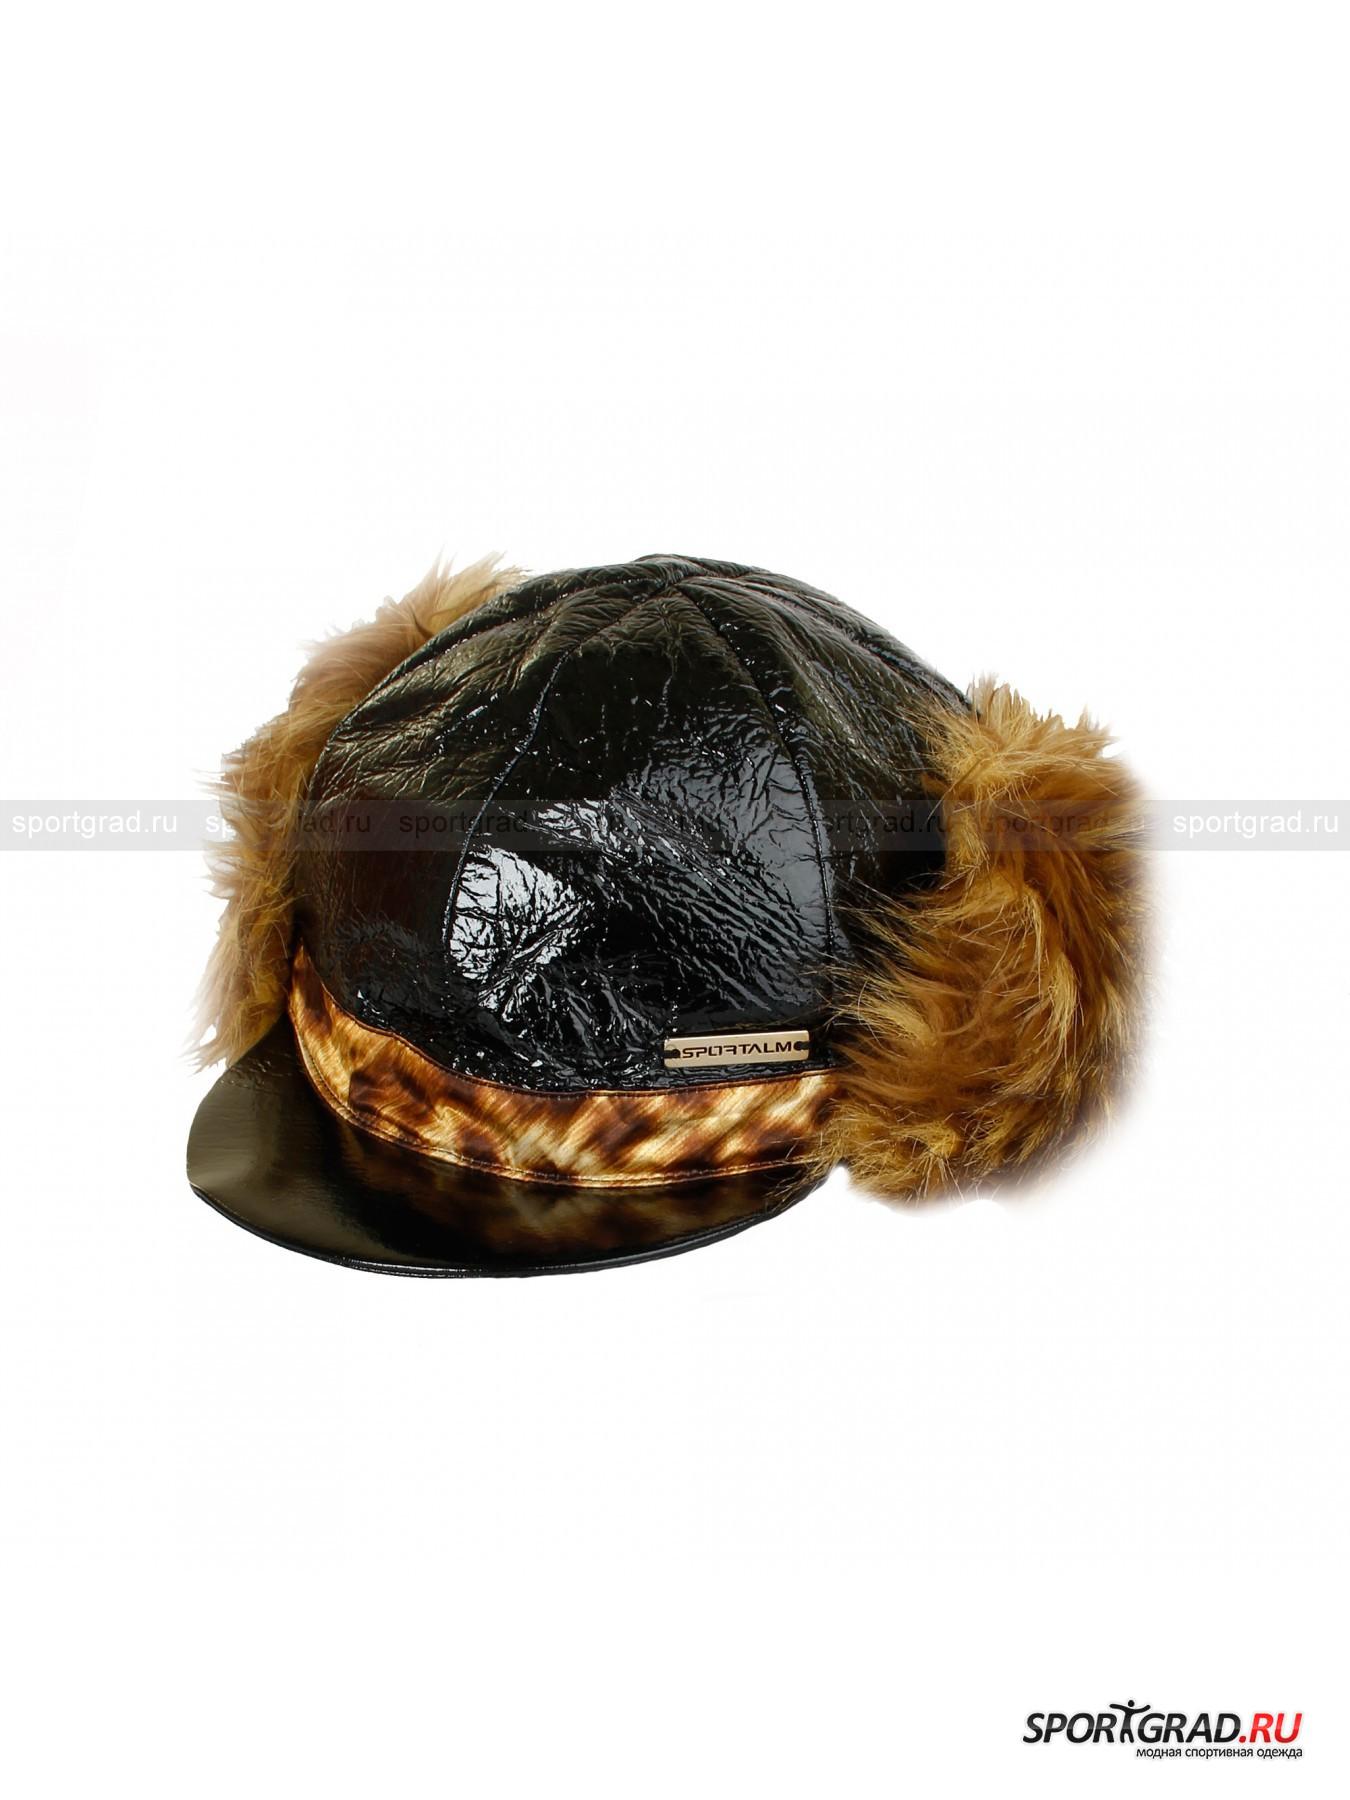 Женская шапка SPORTALM FlorenzГоловные Уборы<br>Интересная шапка Florenz Sportalm – выбор неординарных натур, любящих быть в центре внимания. Шапка выполнена из оригинального материала, имитирующего блестящую темно-коричневую кожу, изнутри подбита толстым флисом. Козырек защищает от снега  и солнца, уши дополнительно утеплены меховой подкладкой, которую можно вывернуть и закрепить с помощью кнопок по бокам. По периметру утяжка, регулирующая посадку по желанию владельца.<br><br>•Блестящее внешнее покрытие<br>•Плотный козырек<br>•Фирменный логотип компании<br><br>Пол: Женский<br>Возраст: Взрослый<br>Тип: Головные Уборы<br>Рекомендации по уходу: стирка в теплой воде до 30 С; не отбеливать; гладить слегка нагретым утюгом (температура до 120 C); только сухая чистка; можно сушить в машине при низкой температуре<br>Состав: 55% полиэстер, 45% полиуретан